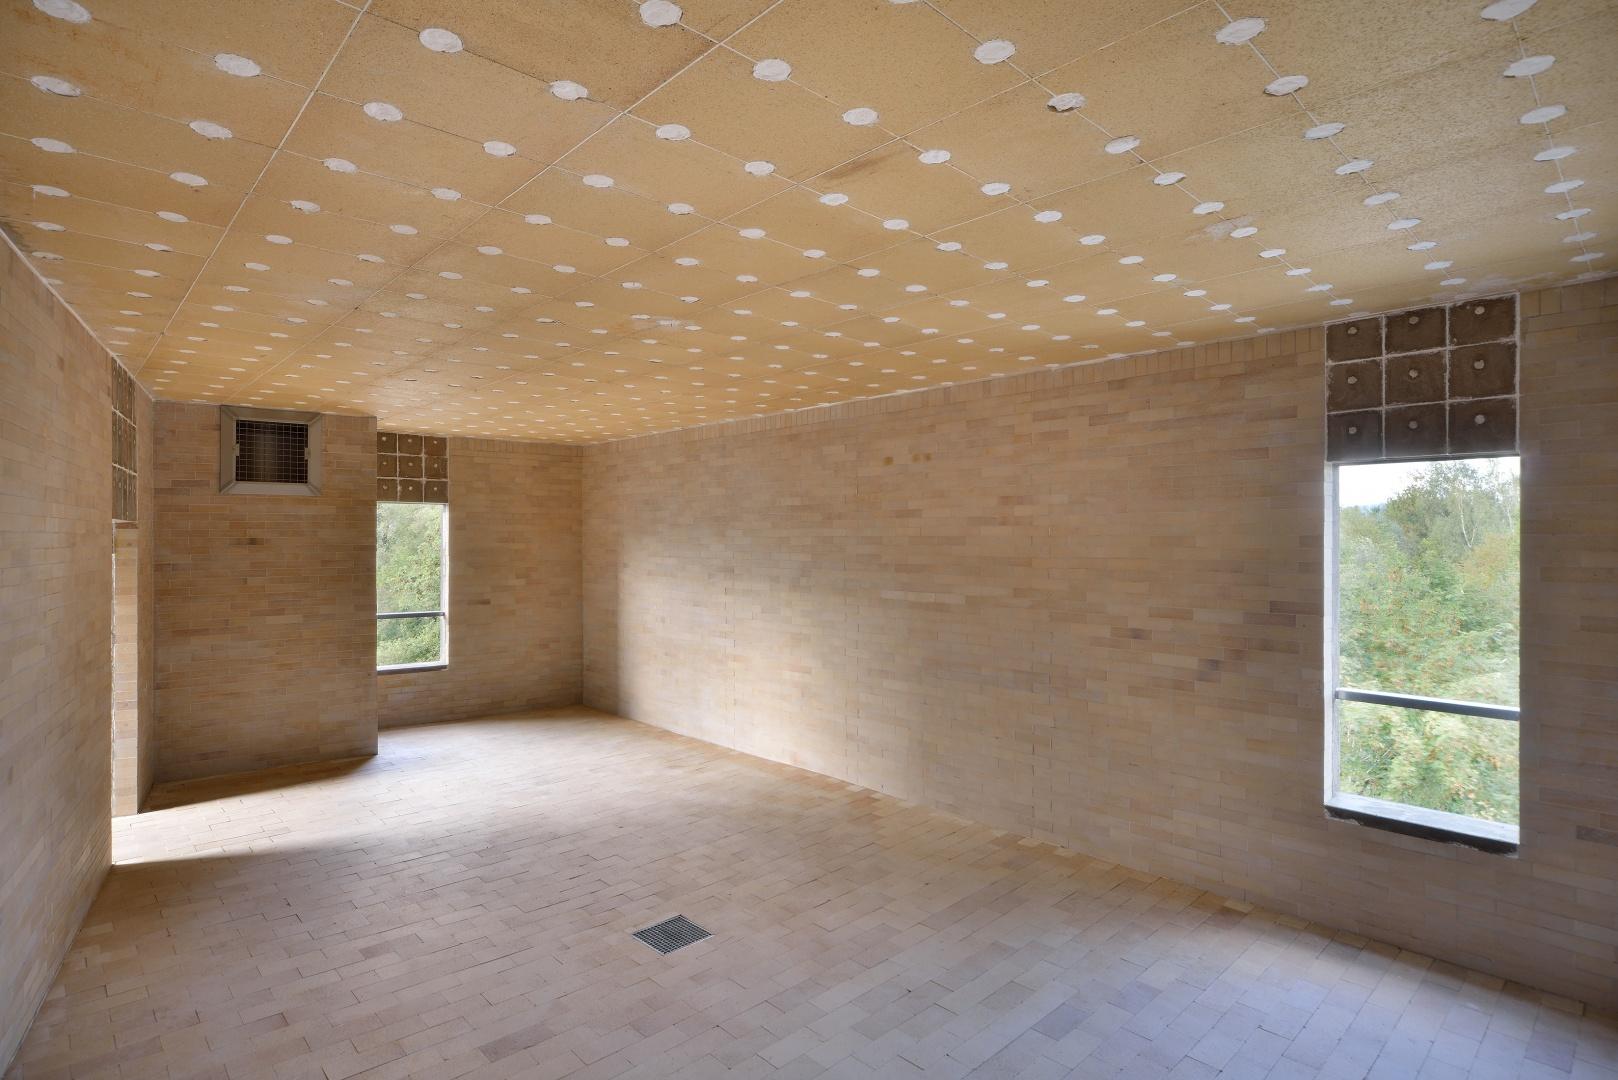 Brandzelle © Atelier M Architekten, Bild Sabrina Scheja